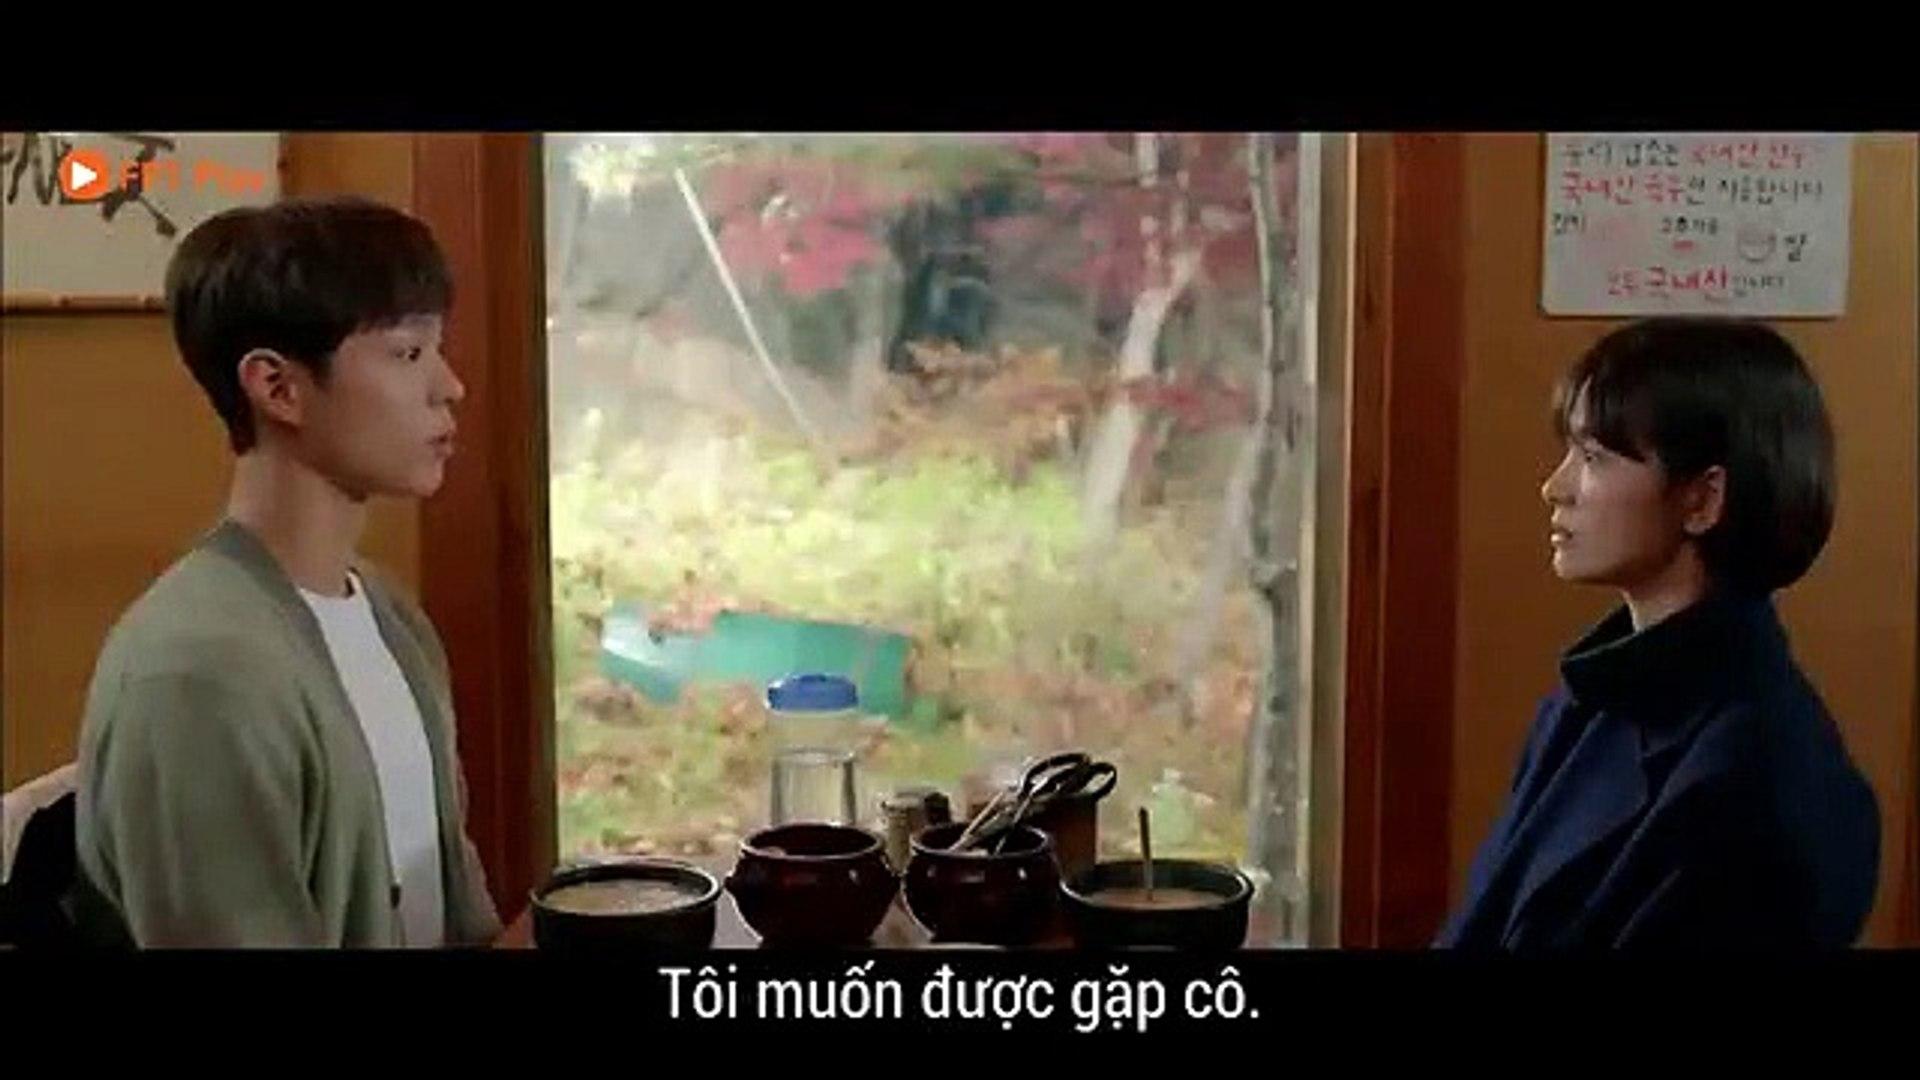 Bạn Trai Tập 6 - Phim Hàn Quốc - HTV2 Lồng Tiếng - Phim Ban Trai Tap 7 - Phim Ban Trai Tap 6